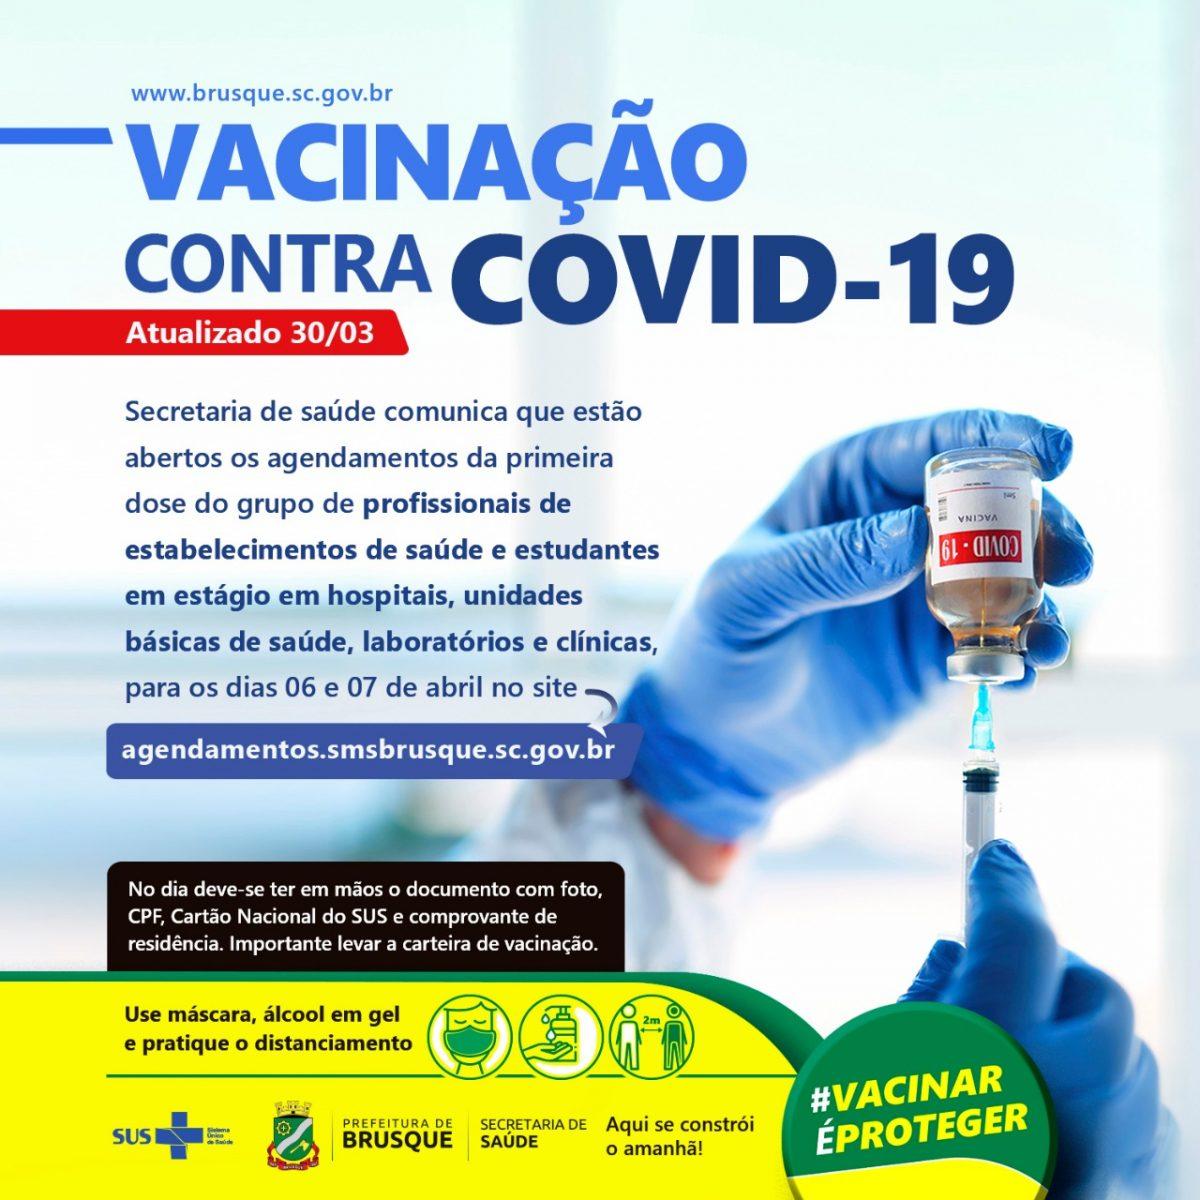 Vacina: Secretaria de Saúde abre agendamento para profissionais de estabelecimentos de saúde, estudantes em estágio em hospitais, unidades básicas de saúde, laboratórios e clínicas